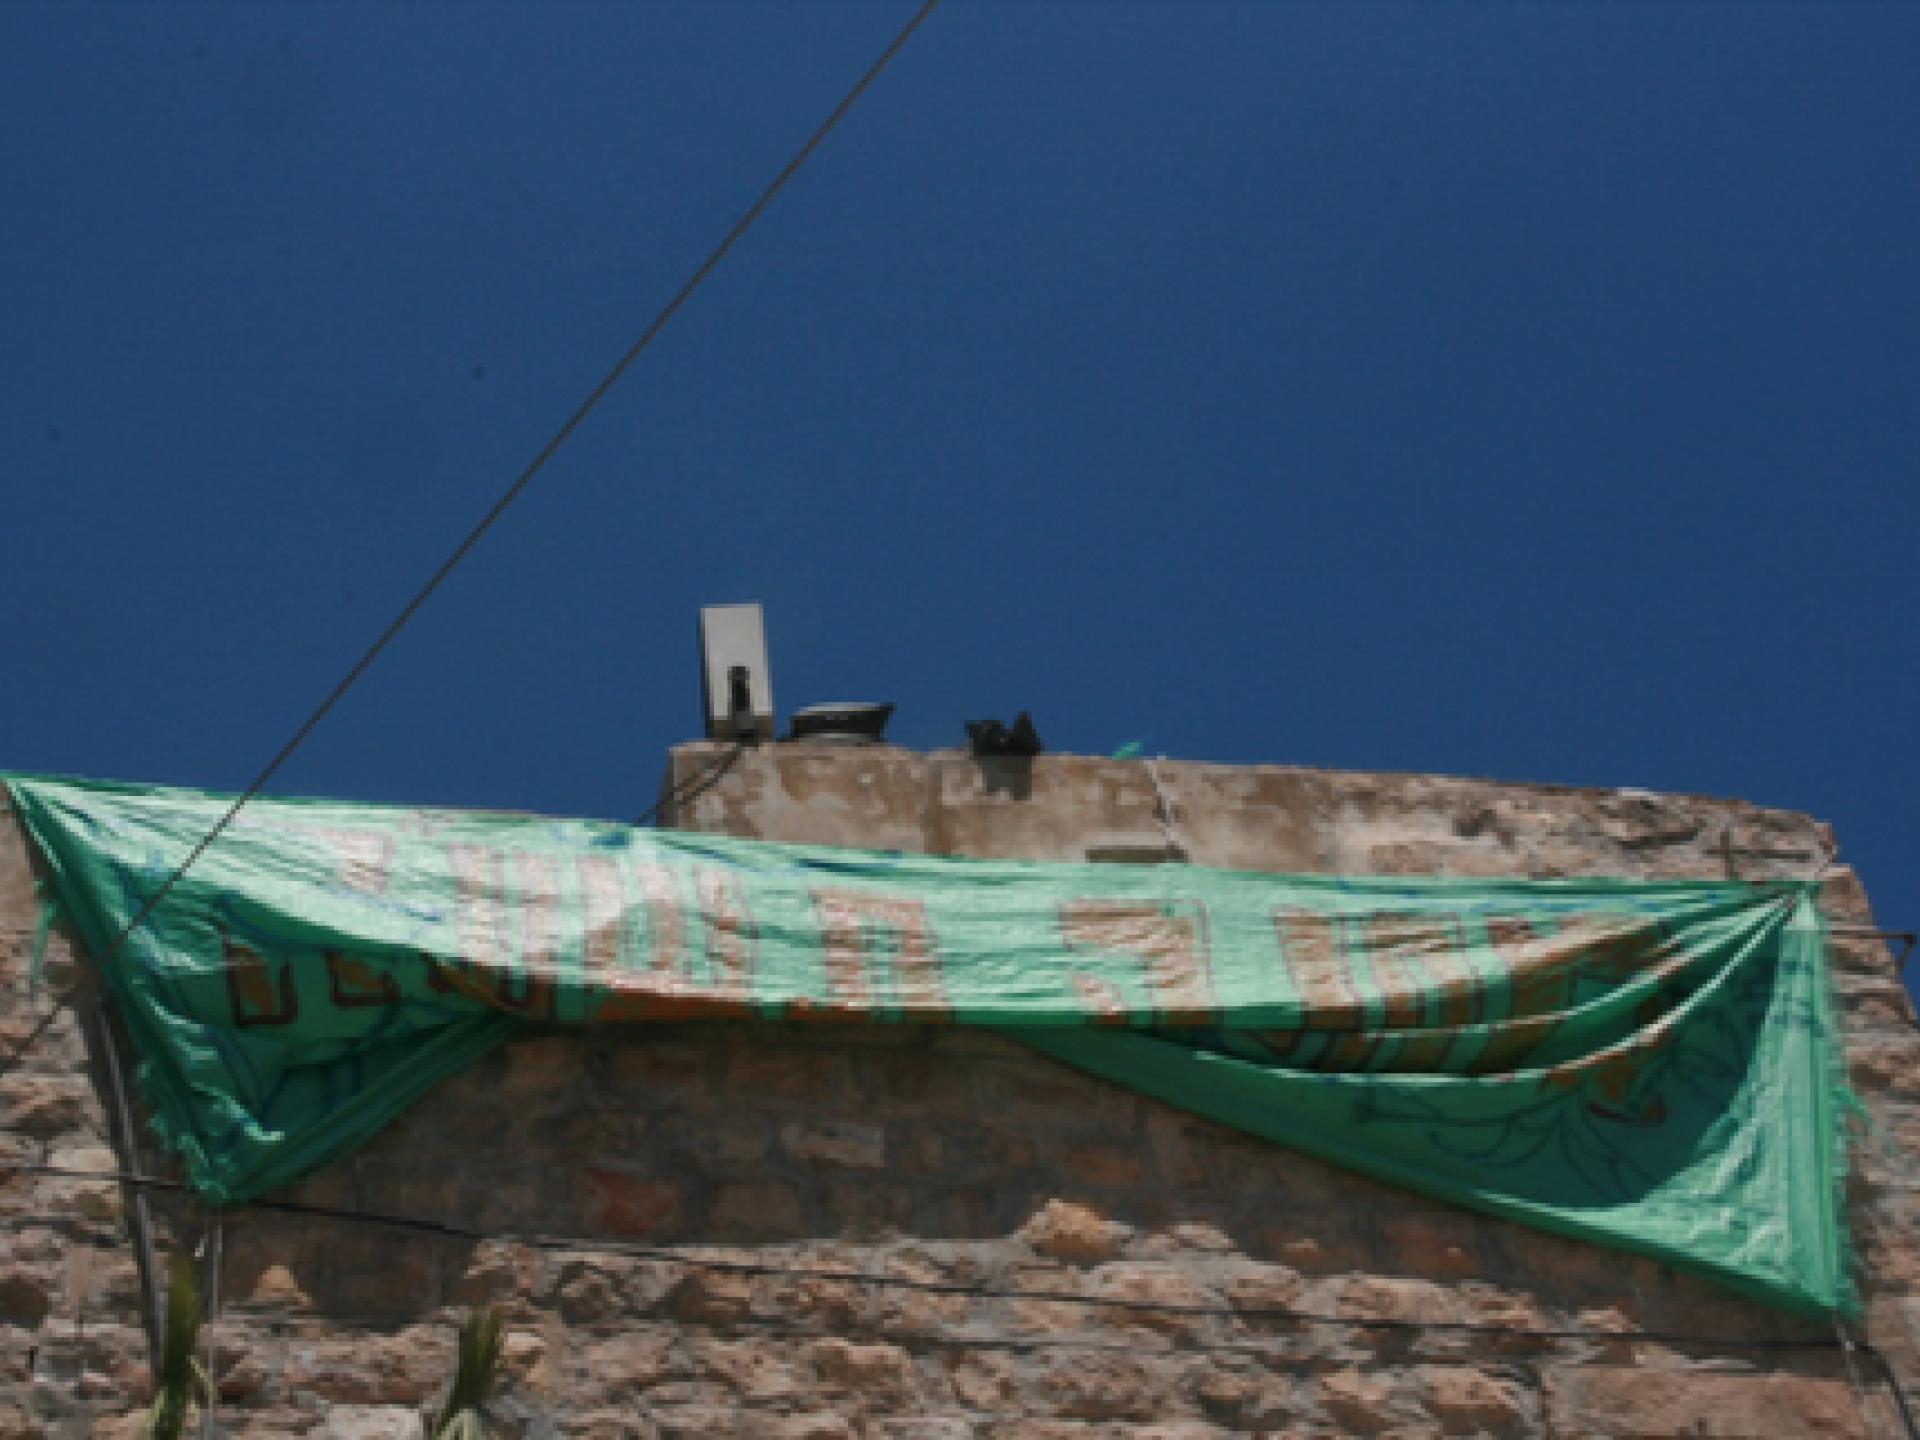 על הבית שבכניסה לשוק הסיטונאי הונפה כרזה ״מחנה תשע״ח״